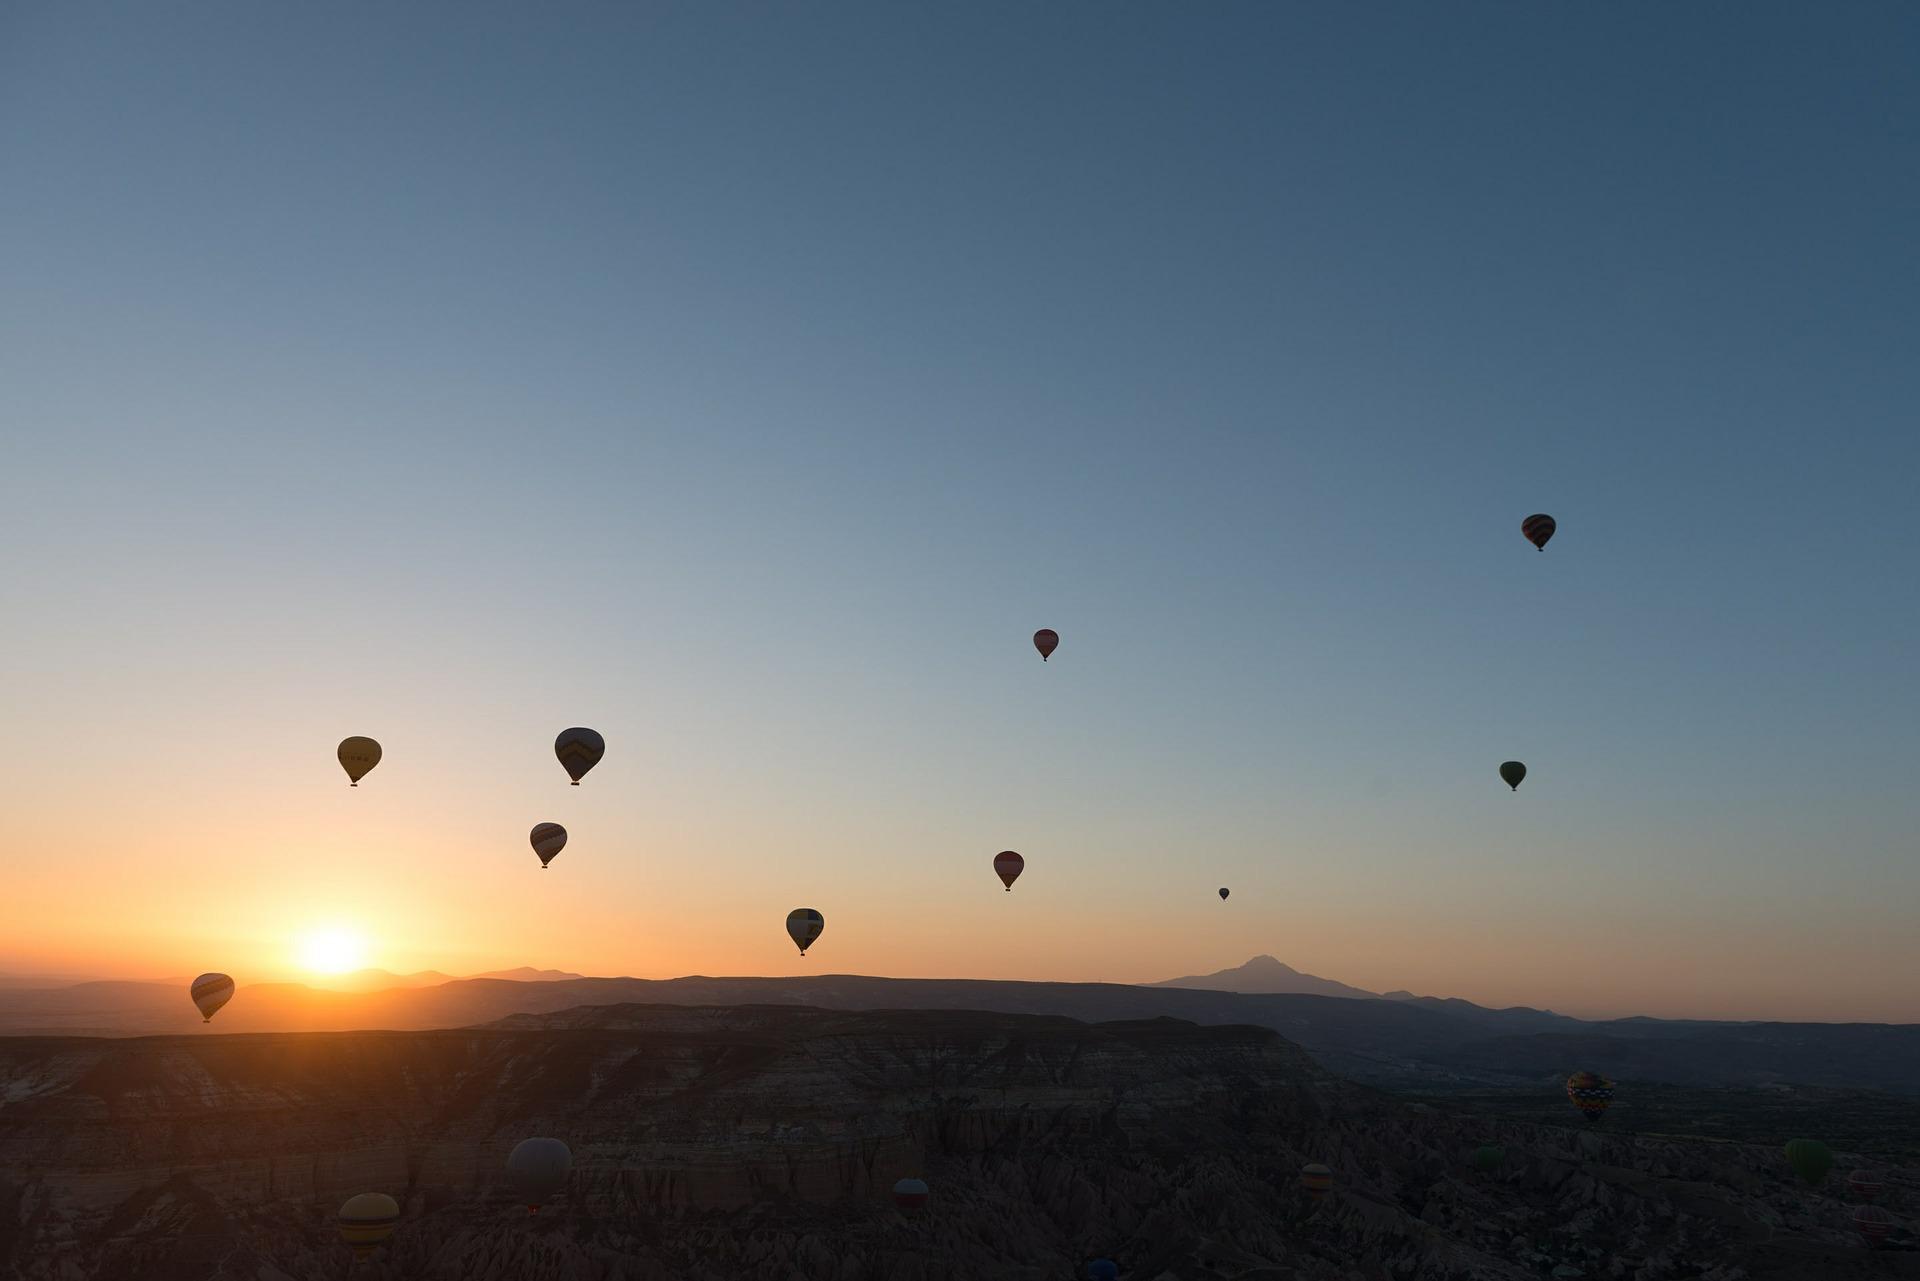 hot-air-ballooning-436441_1920